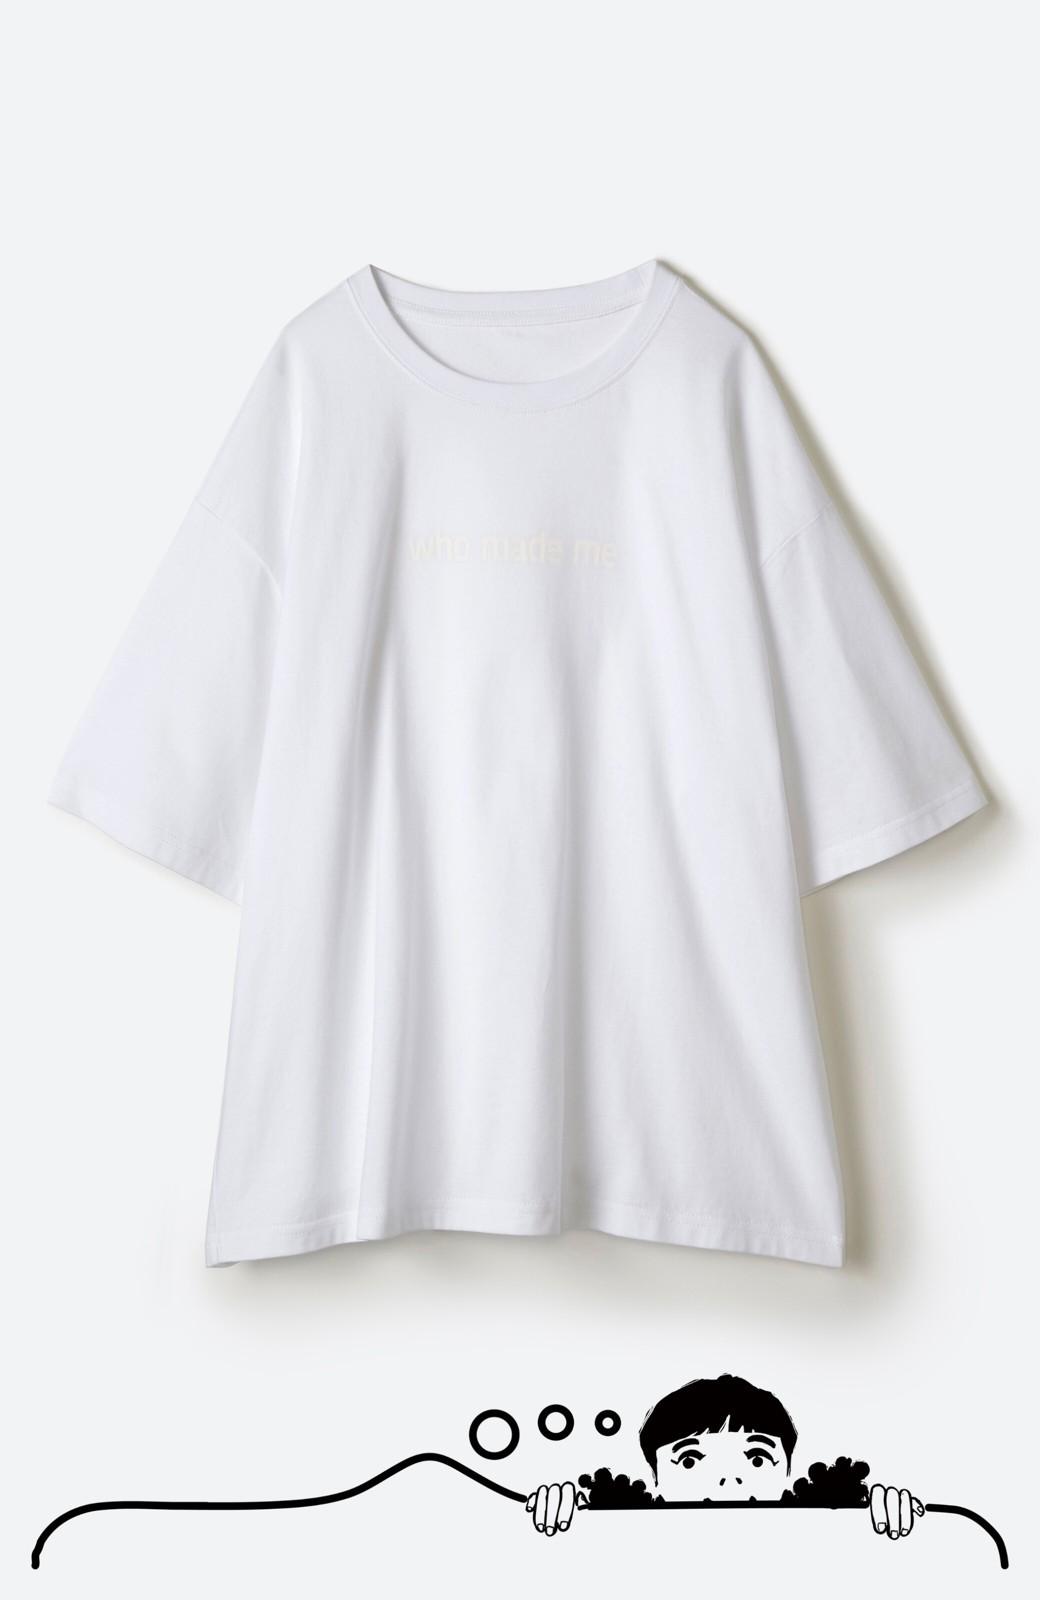 haco! あるかないかで大違い!大人の抜け感を醸し出すさりげなロゴTシャツ by who made me + PBP <ホワイト>の商品写真10